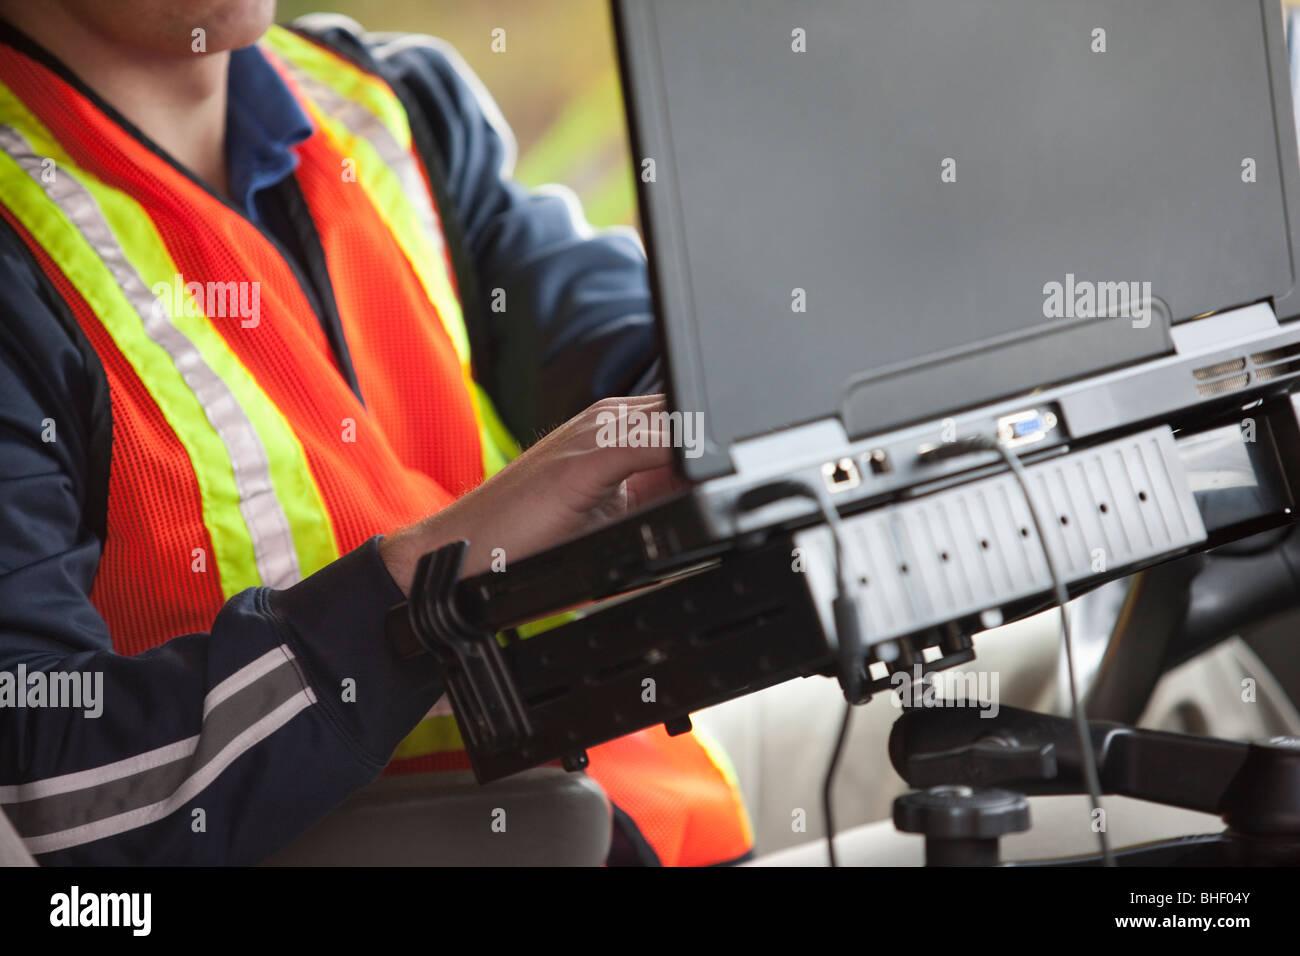 Inspektor mit einem Laptop in einem Fahrzeug Stockbild